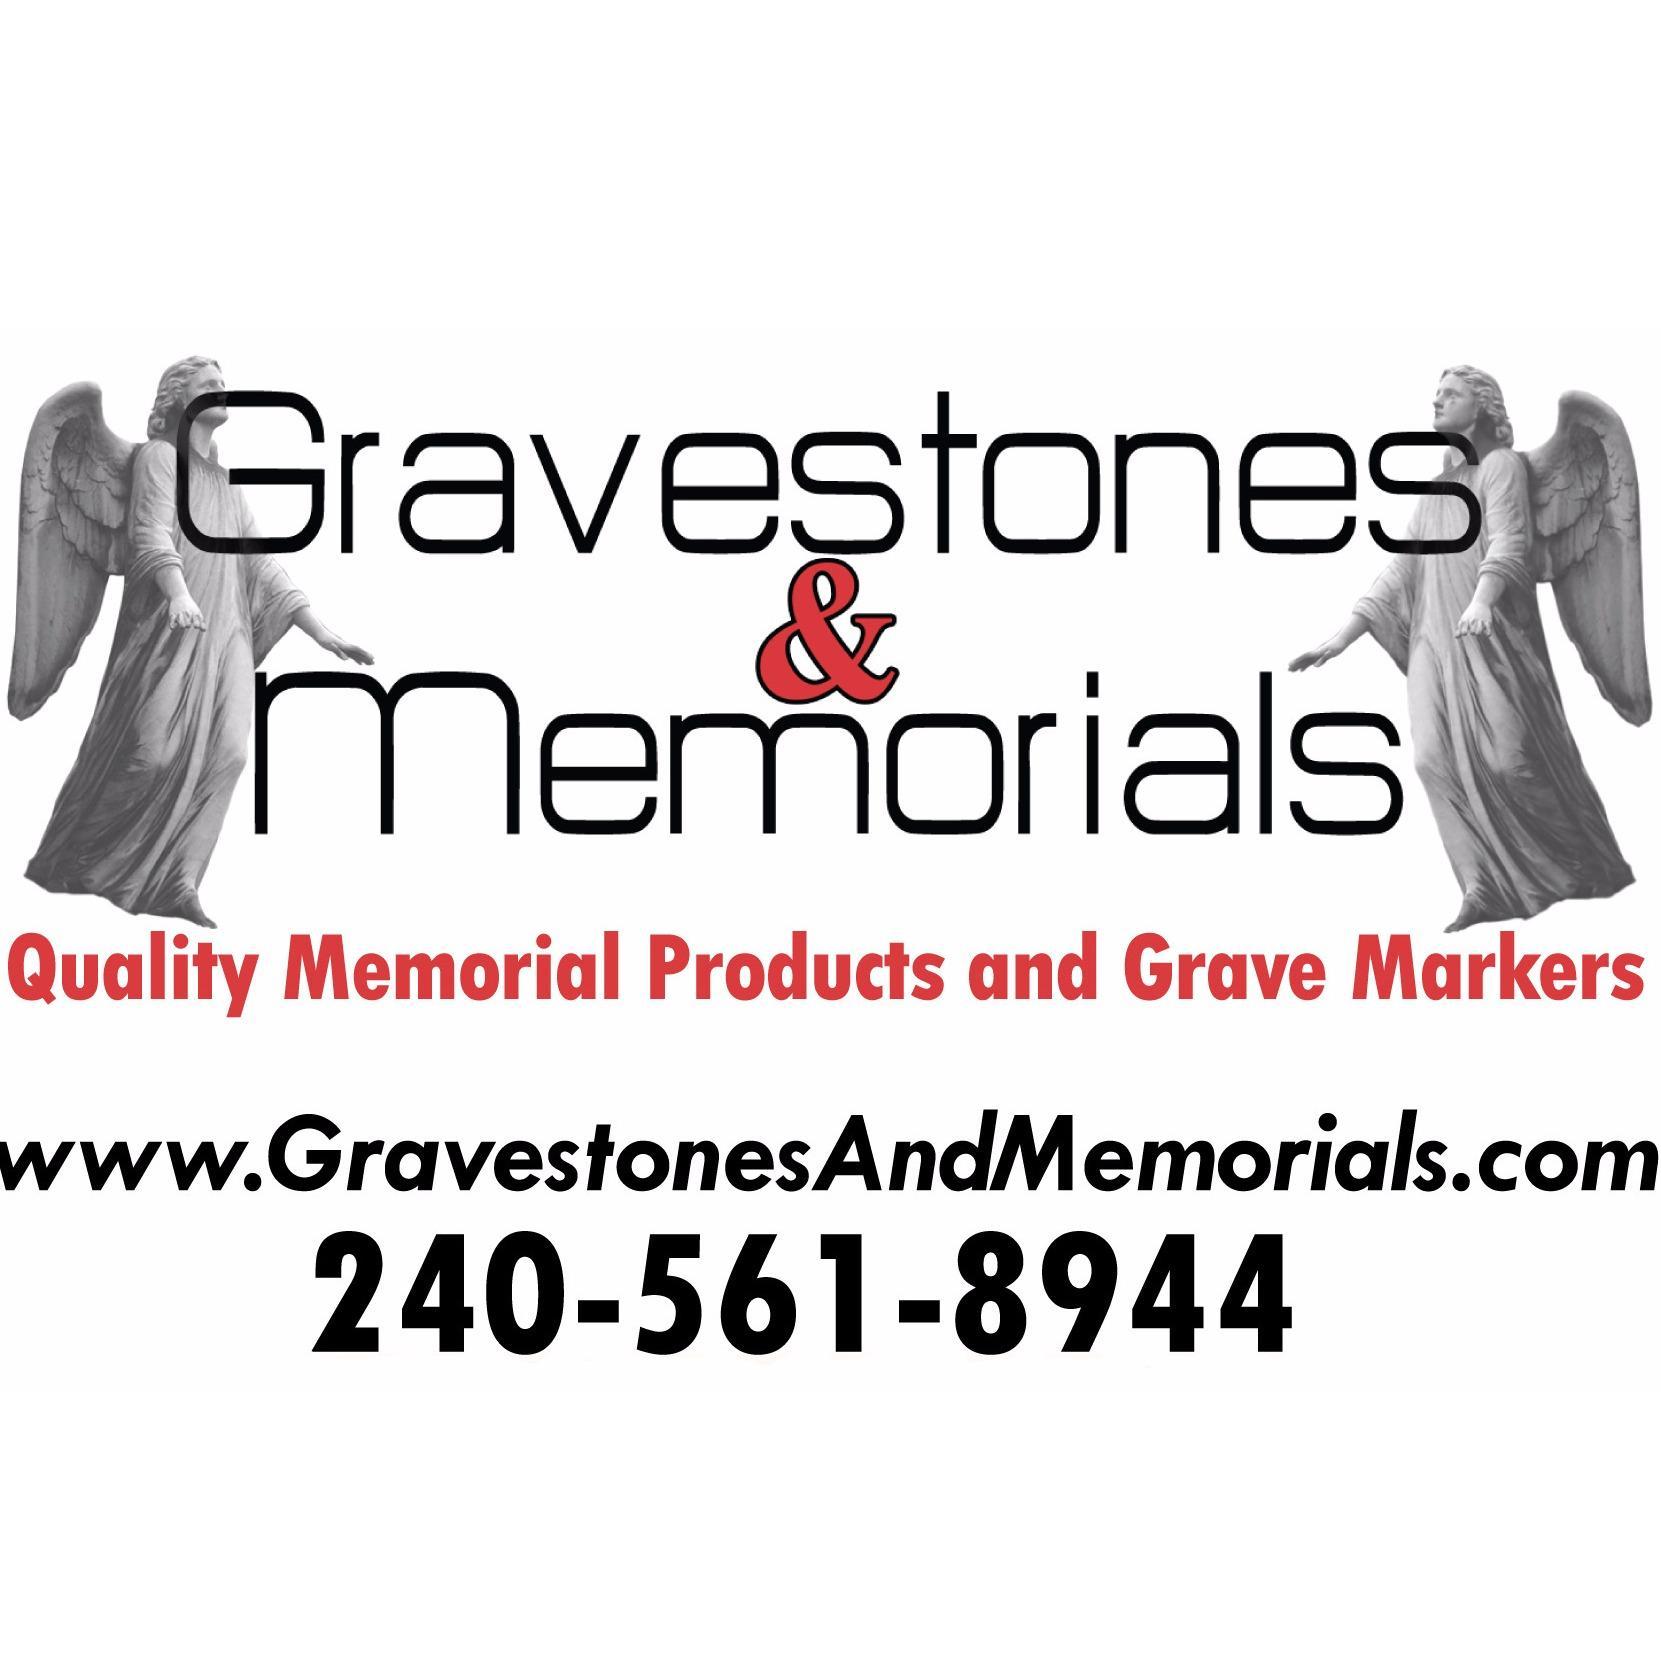 Gravestones and Memorials - Lexington Park, MD - Funeral Memorials & Monuments